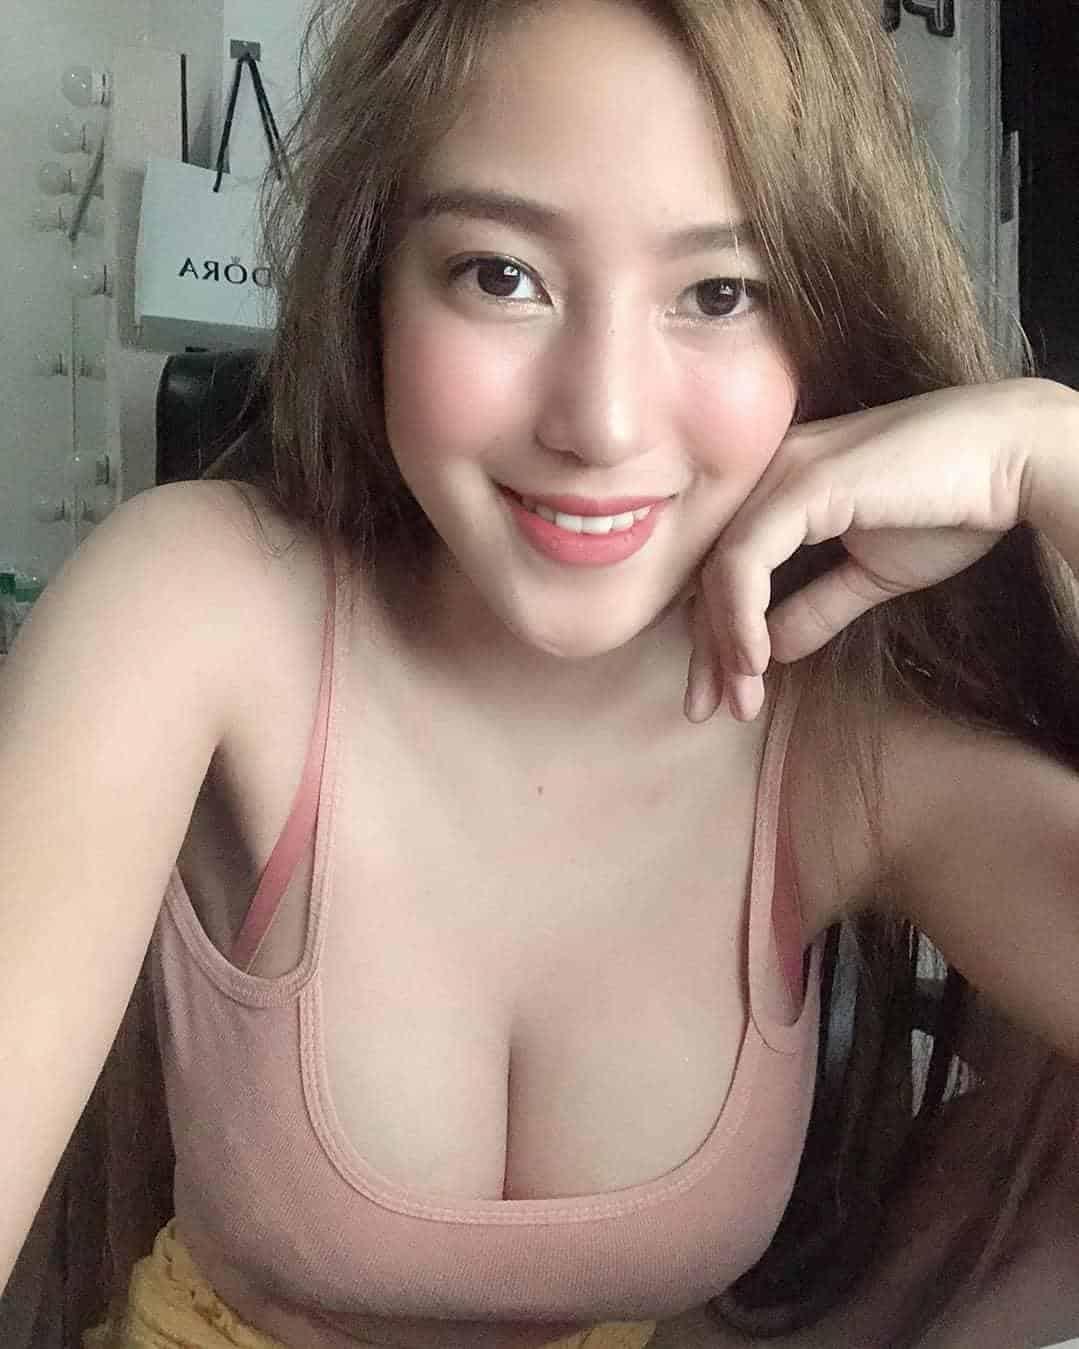 vip_filipino_escorts_in_dubai_9715897983-1609339540-913-e